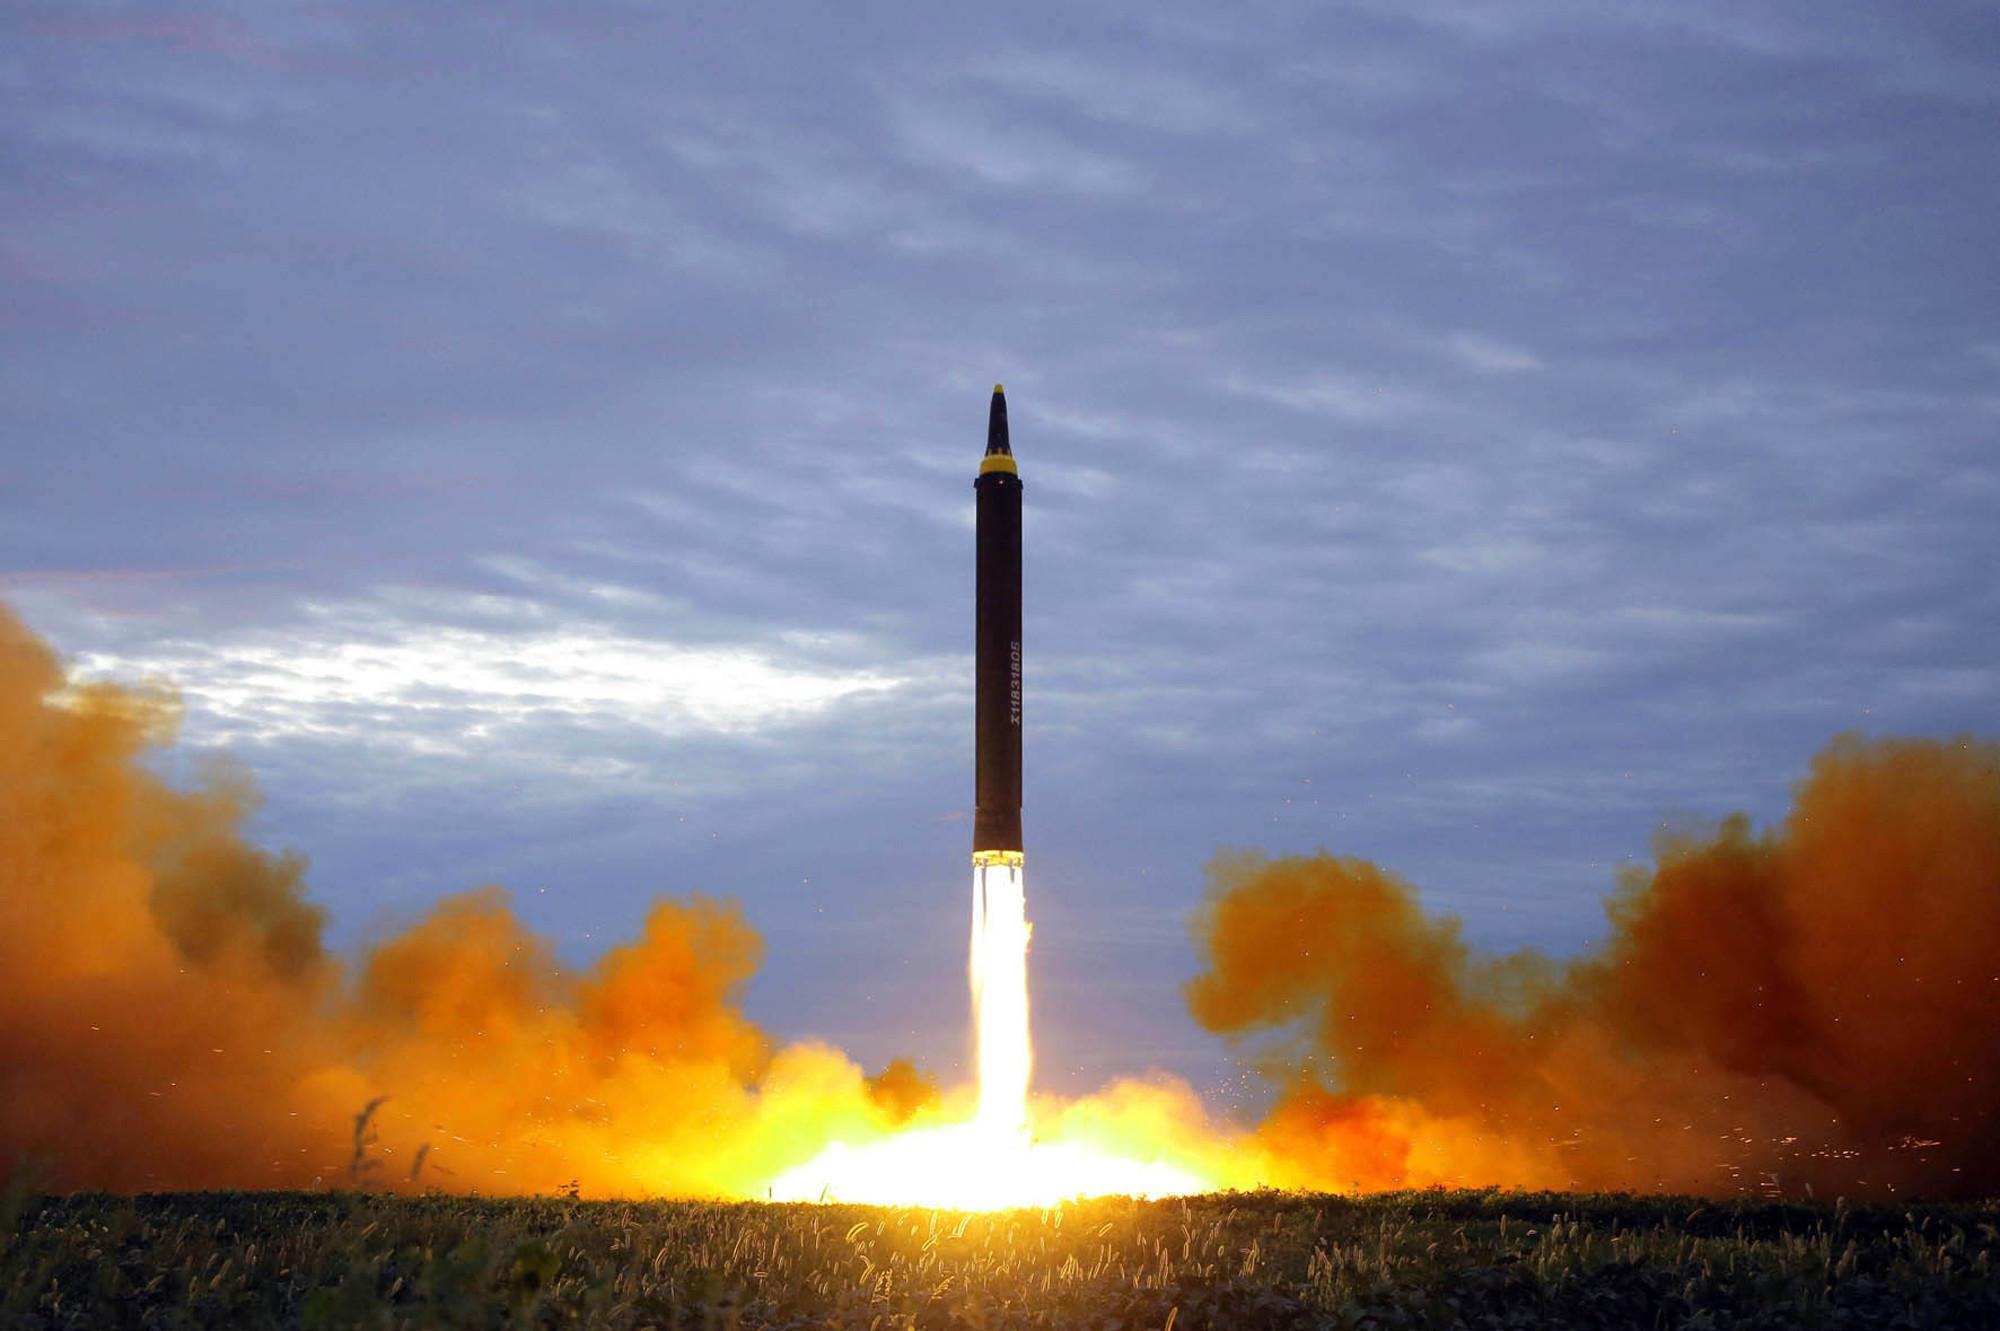 Việt Nam: Triều Tiên vi phạm nghiêm trọng nghị quyết LHQ - 1